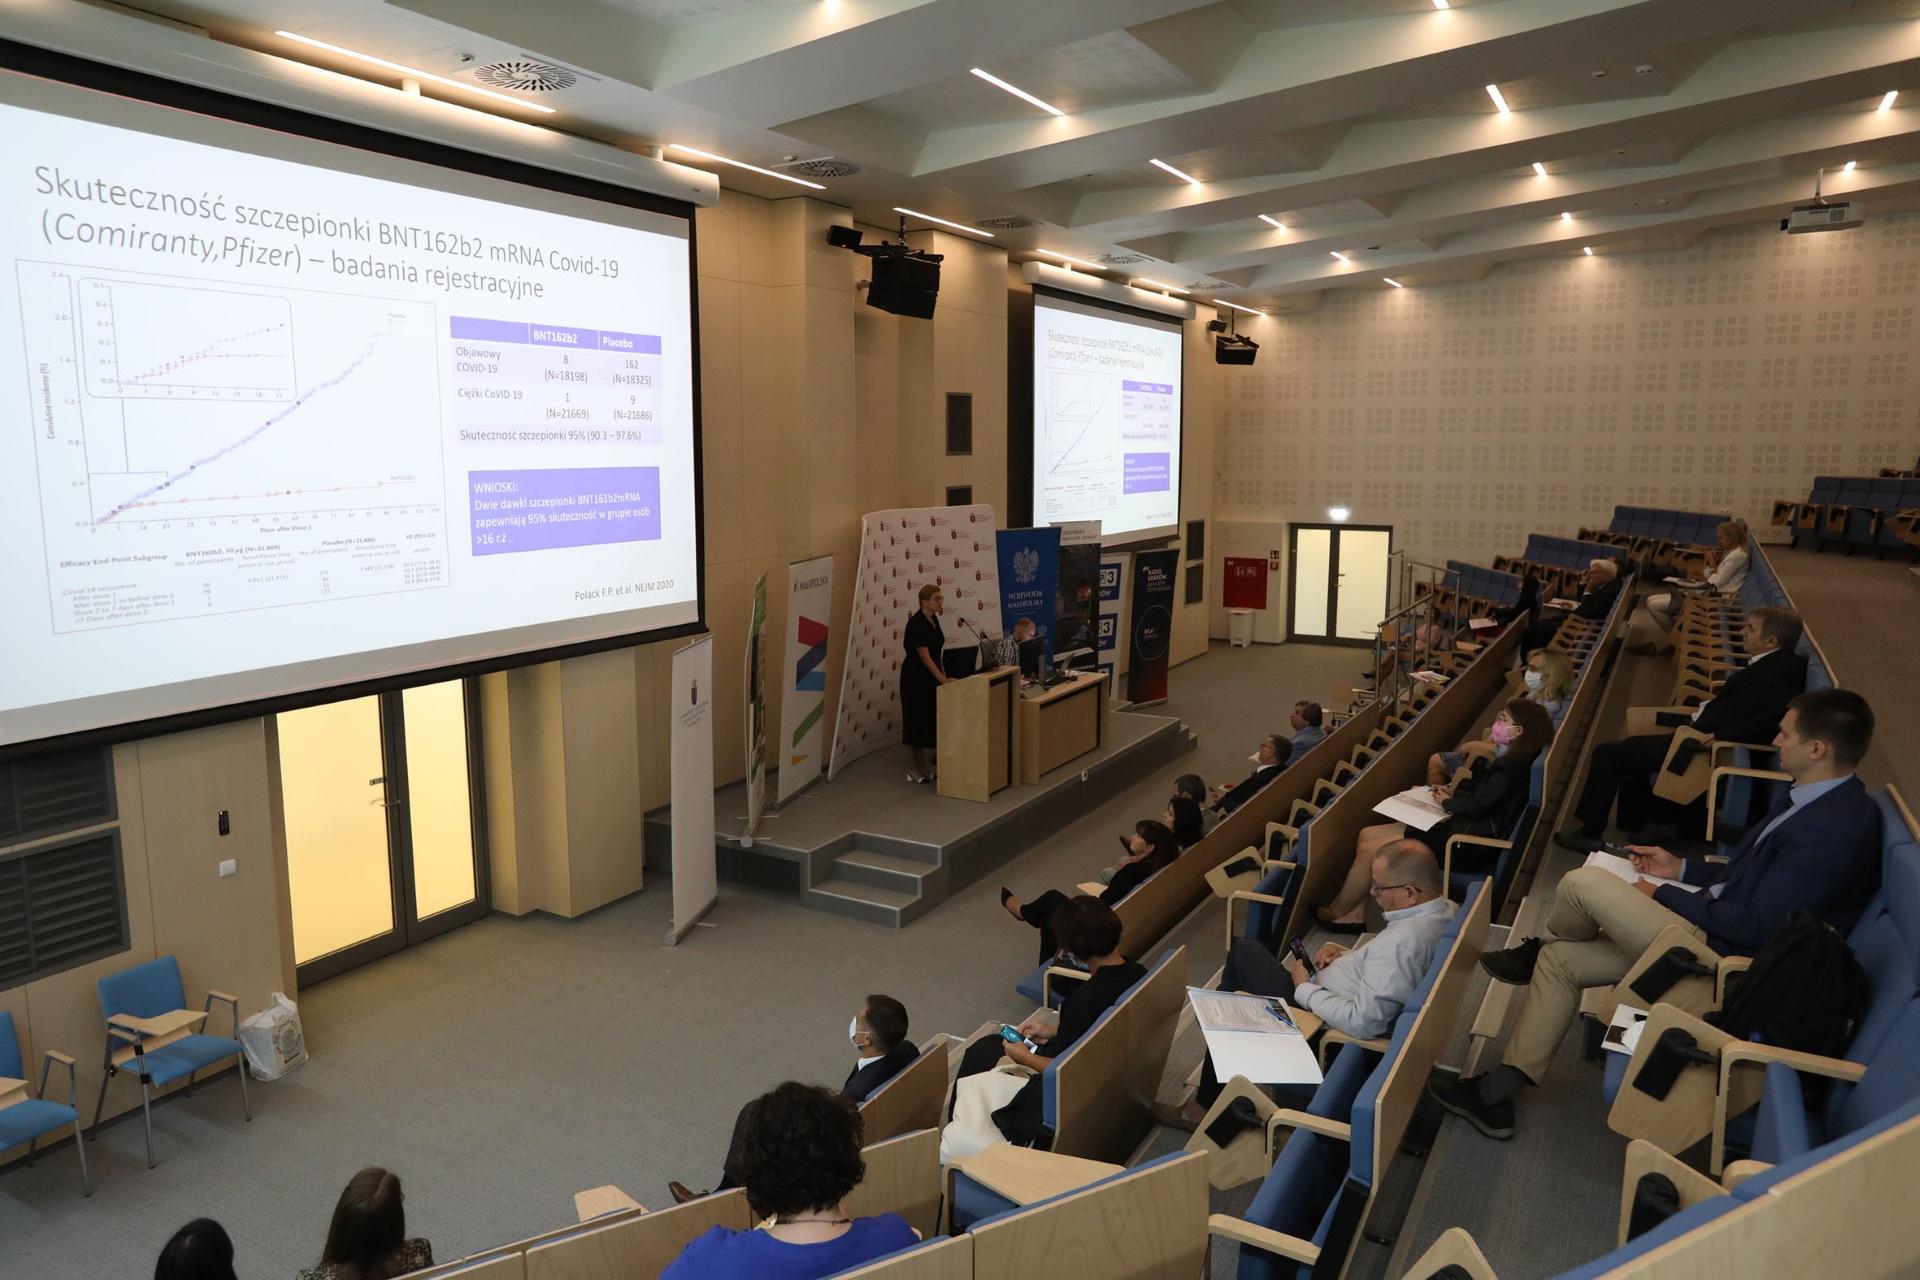 Sala konferencyjna. Na ekranie fragment prezentacji dotyczący skuteczności szczepionek przeciw COVID-19